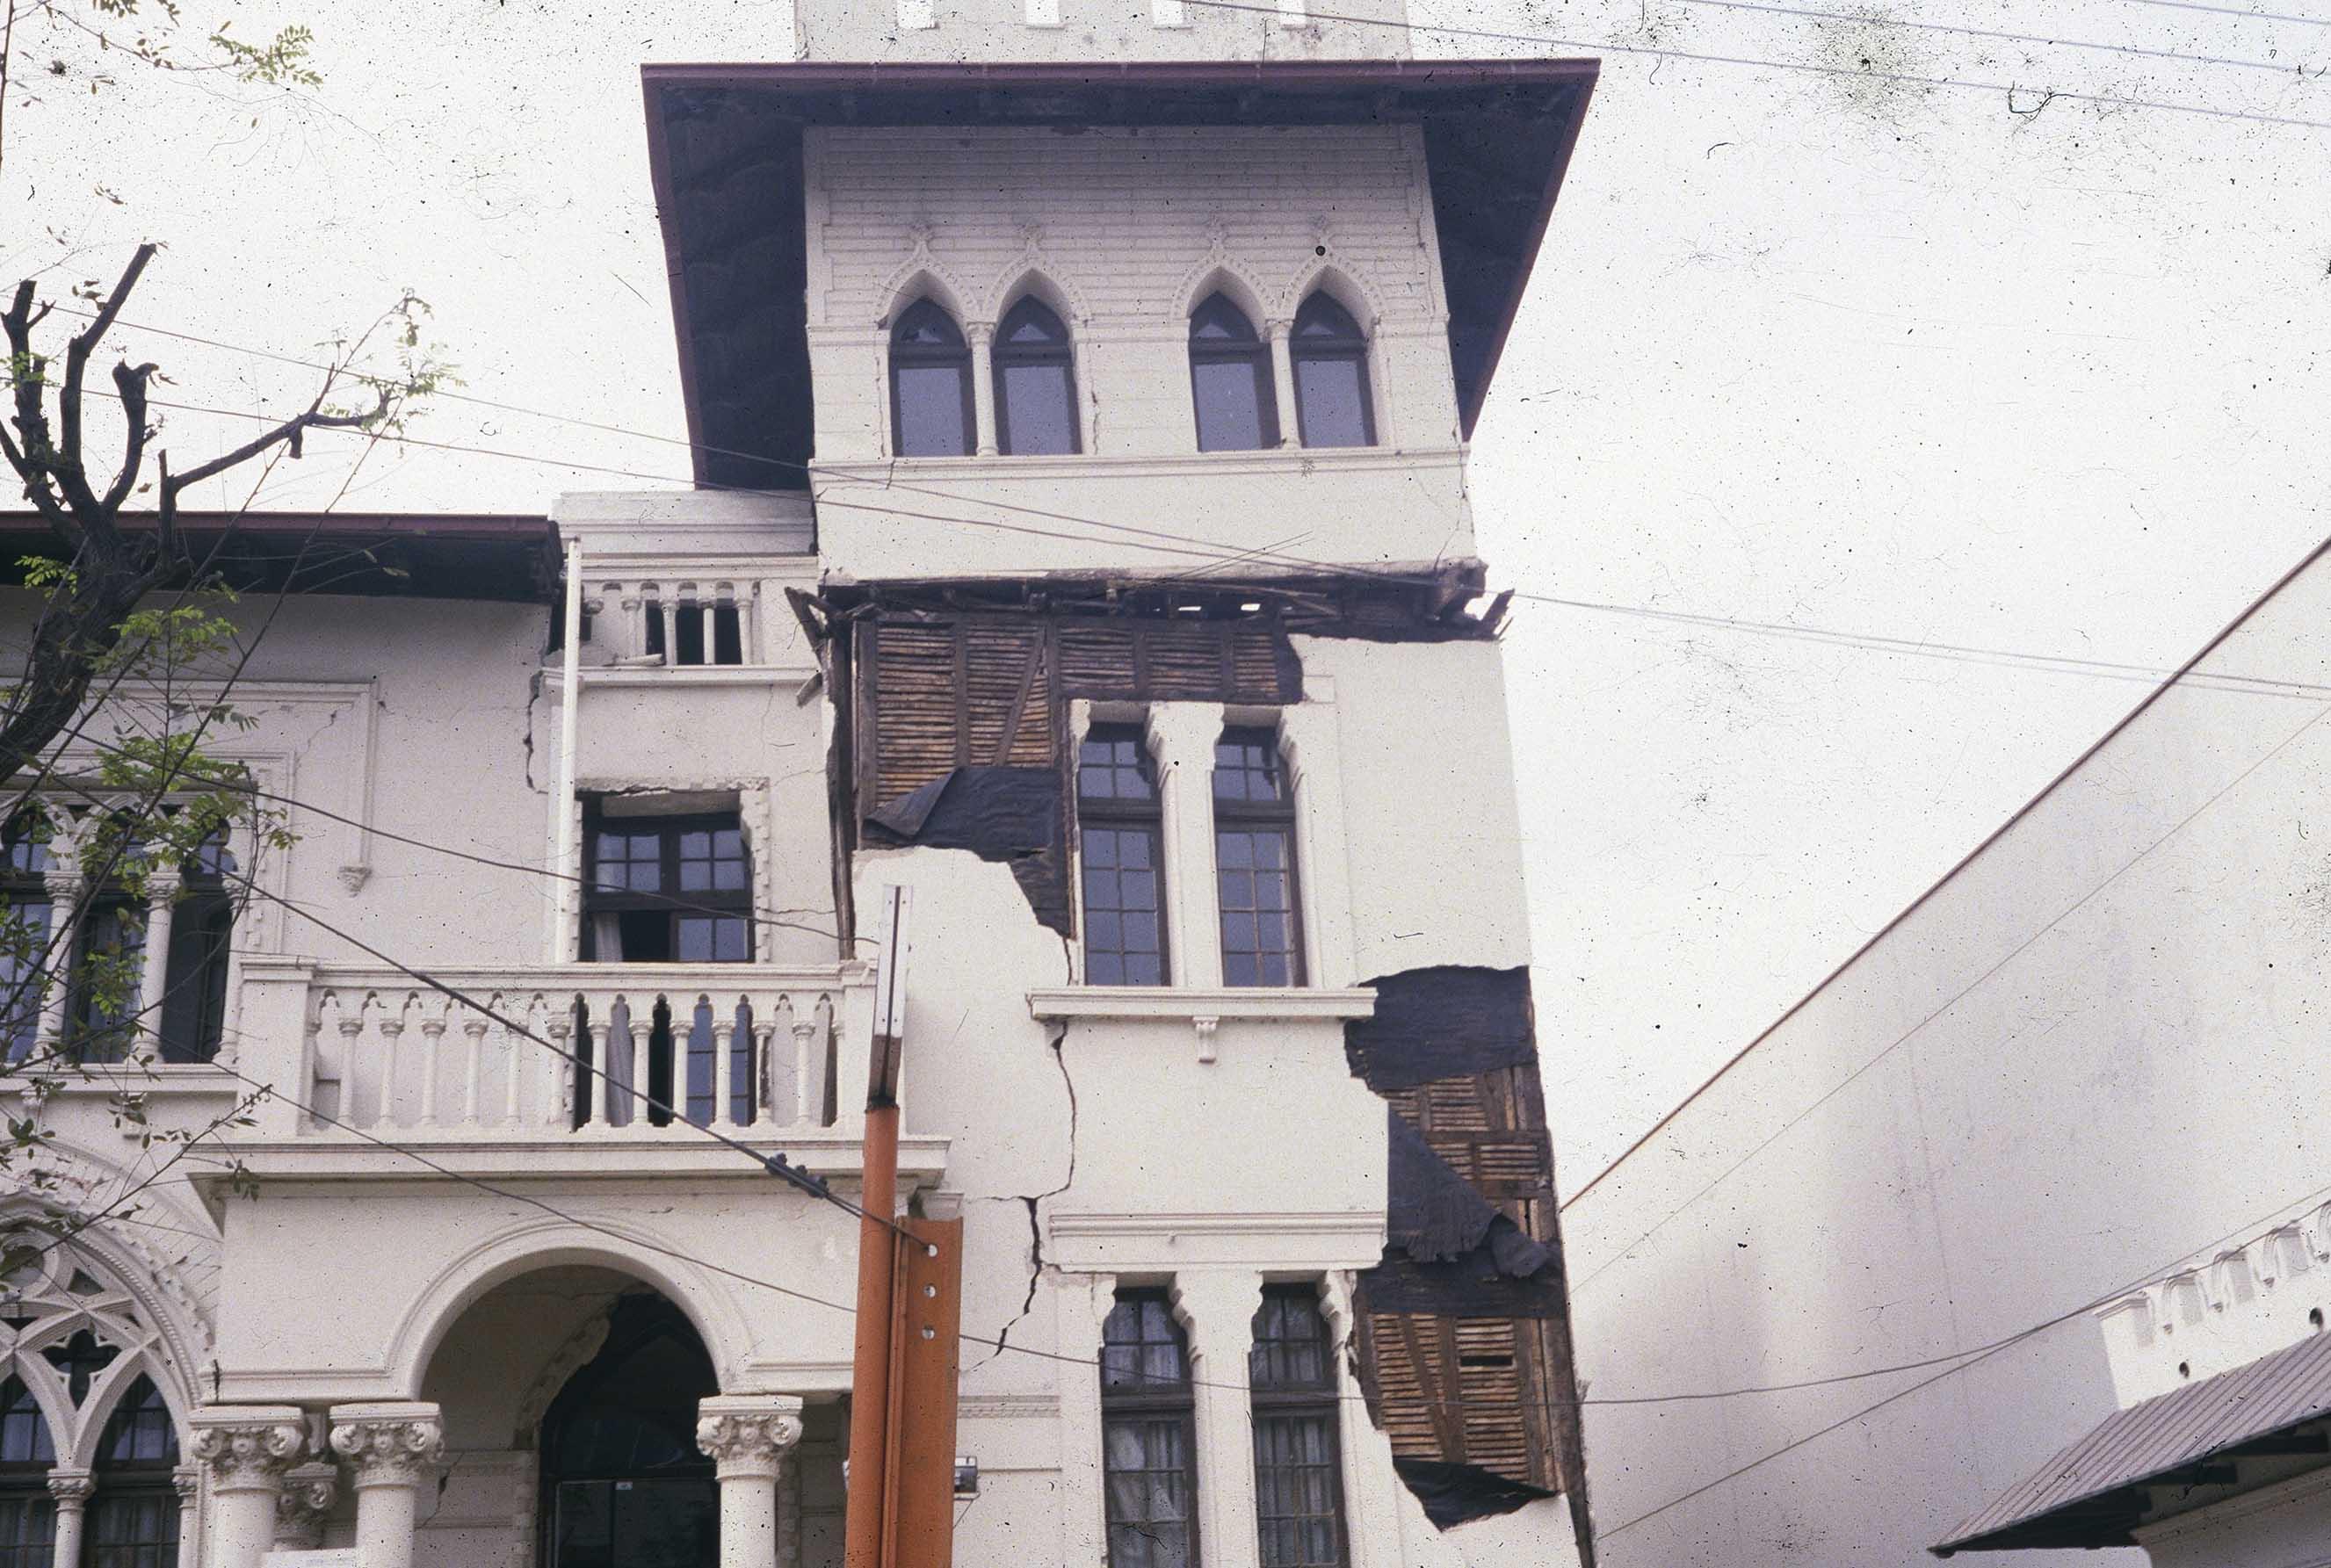 Enterreno - Fotos históricas de chile - fotos antiguas de Chile - Palacio Valle de Viña del Mar en 1985